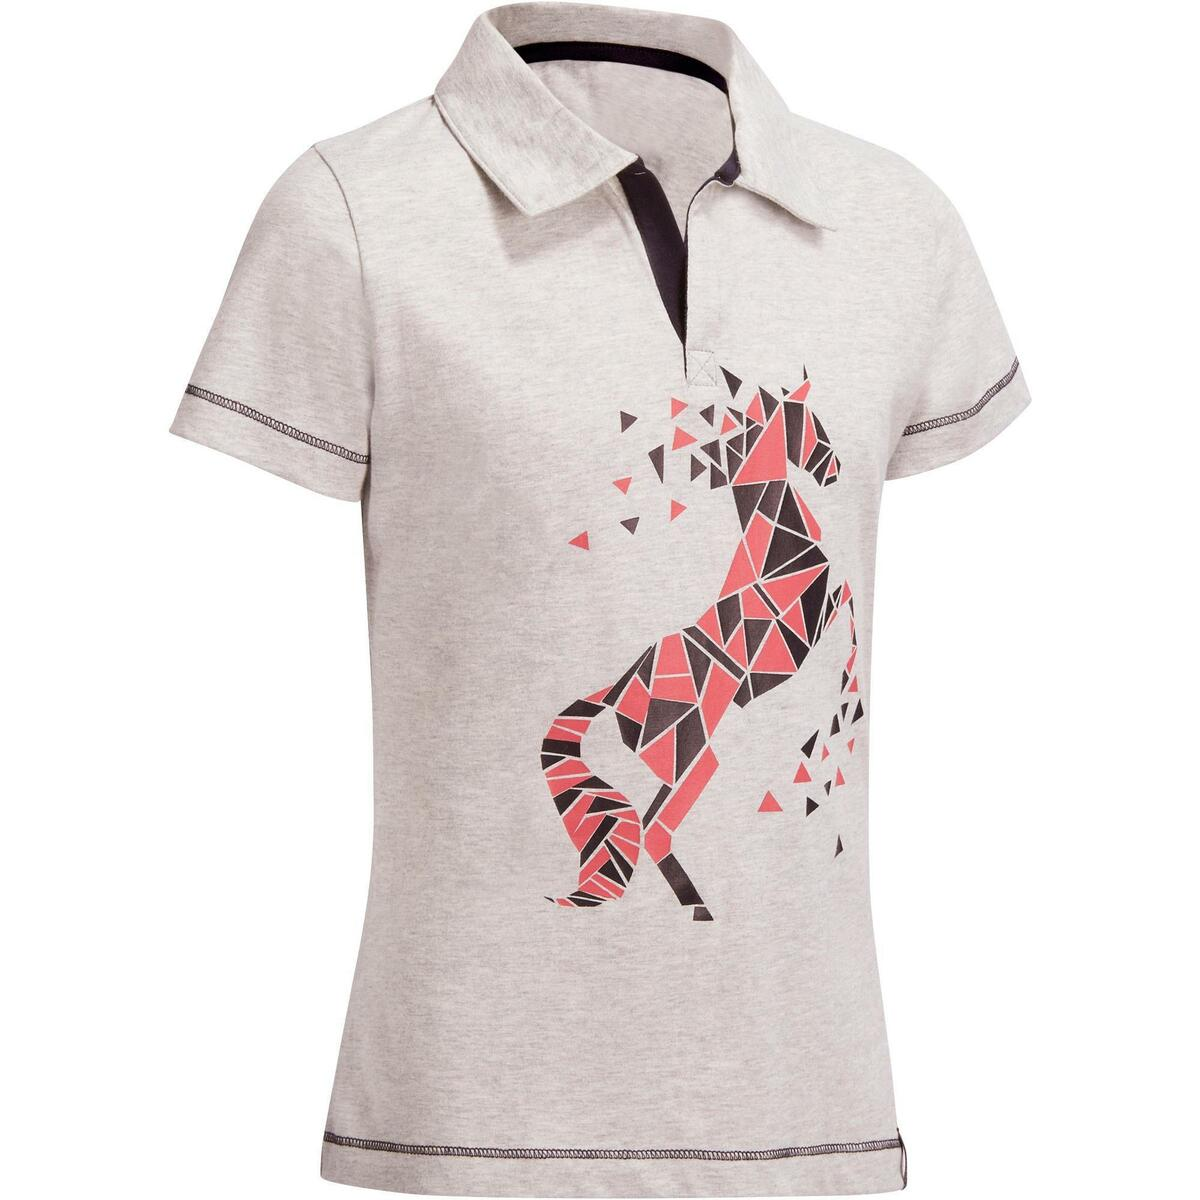 Bild 1 von Reit-Poloshirt Kurzarm Kinder Mädchen graumeliert mit rosafarbenem Motiv